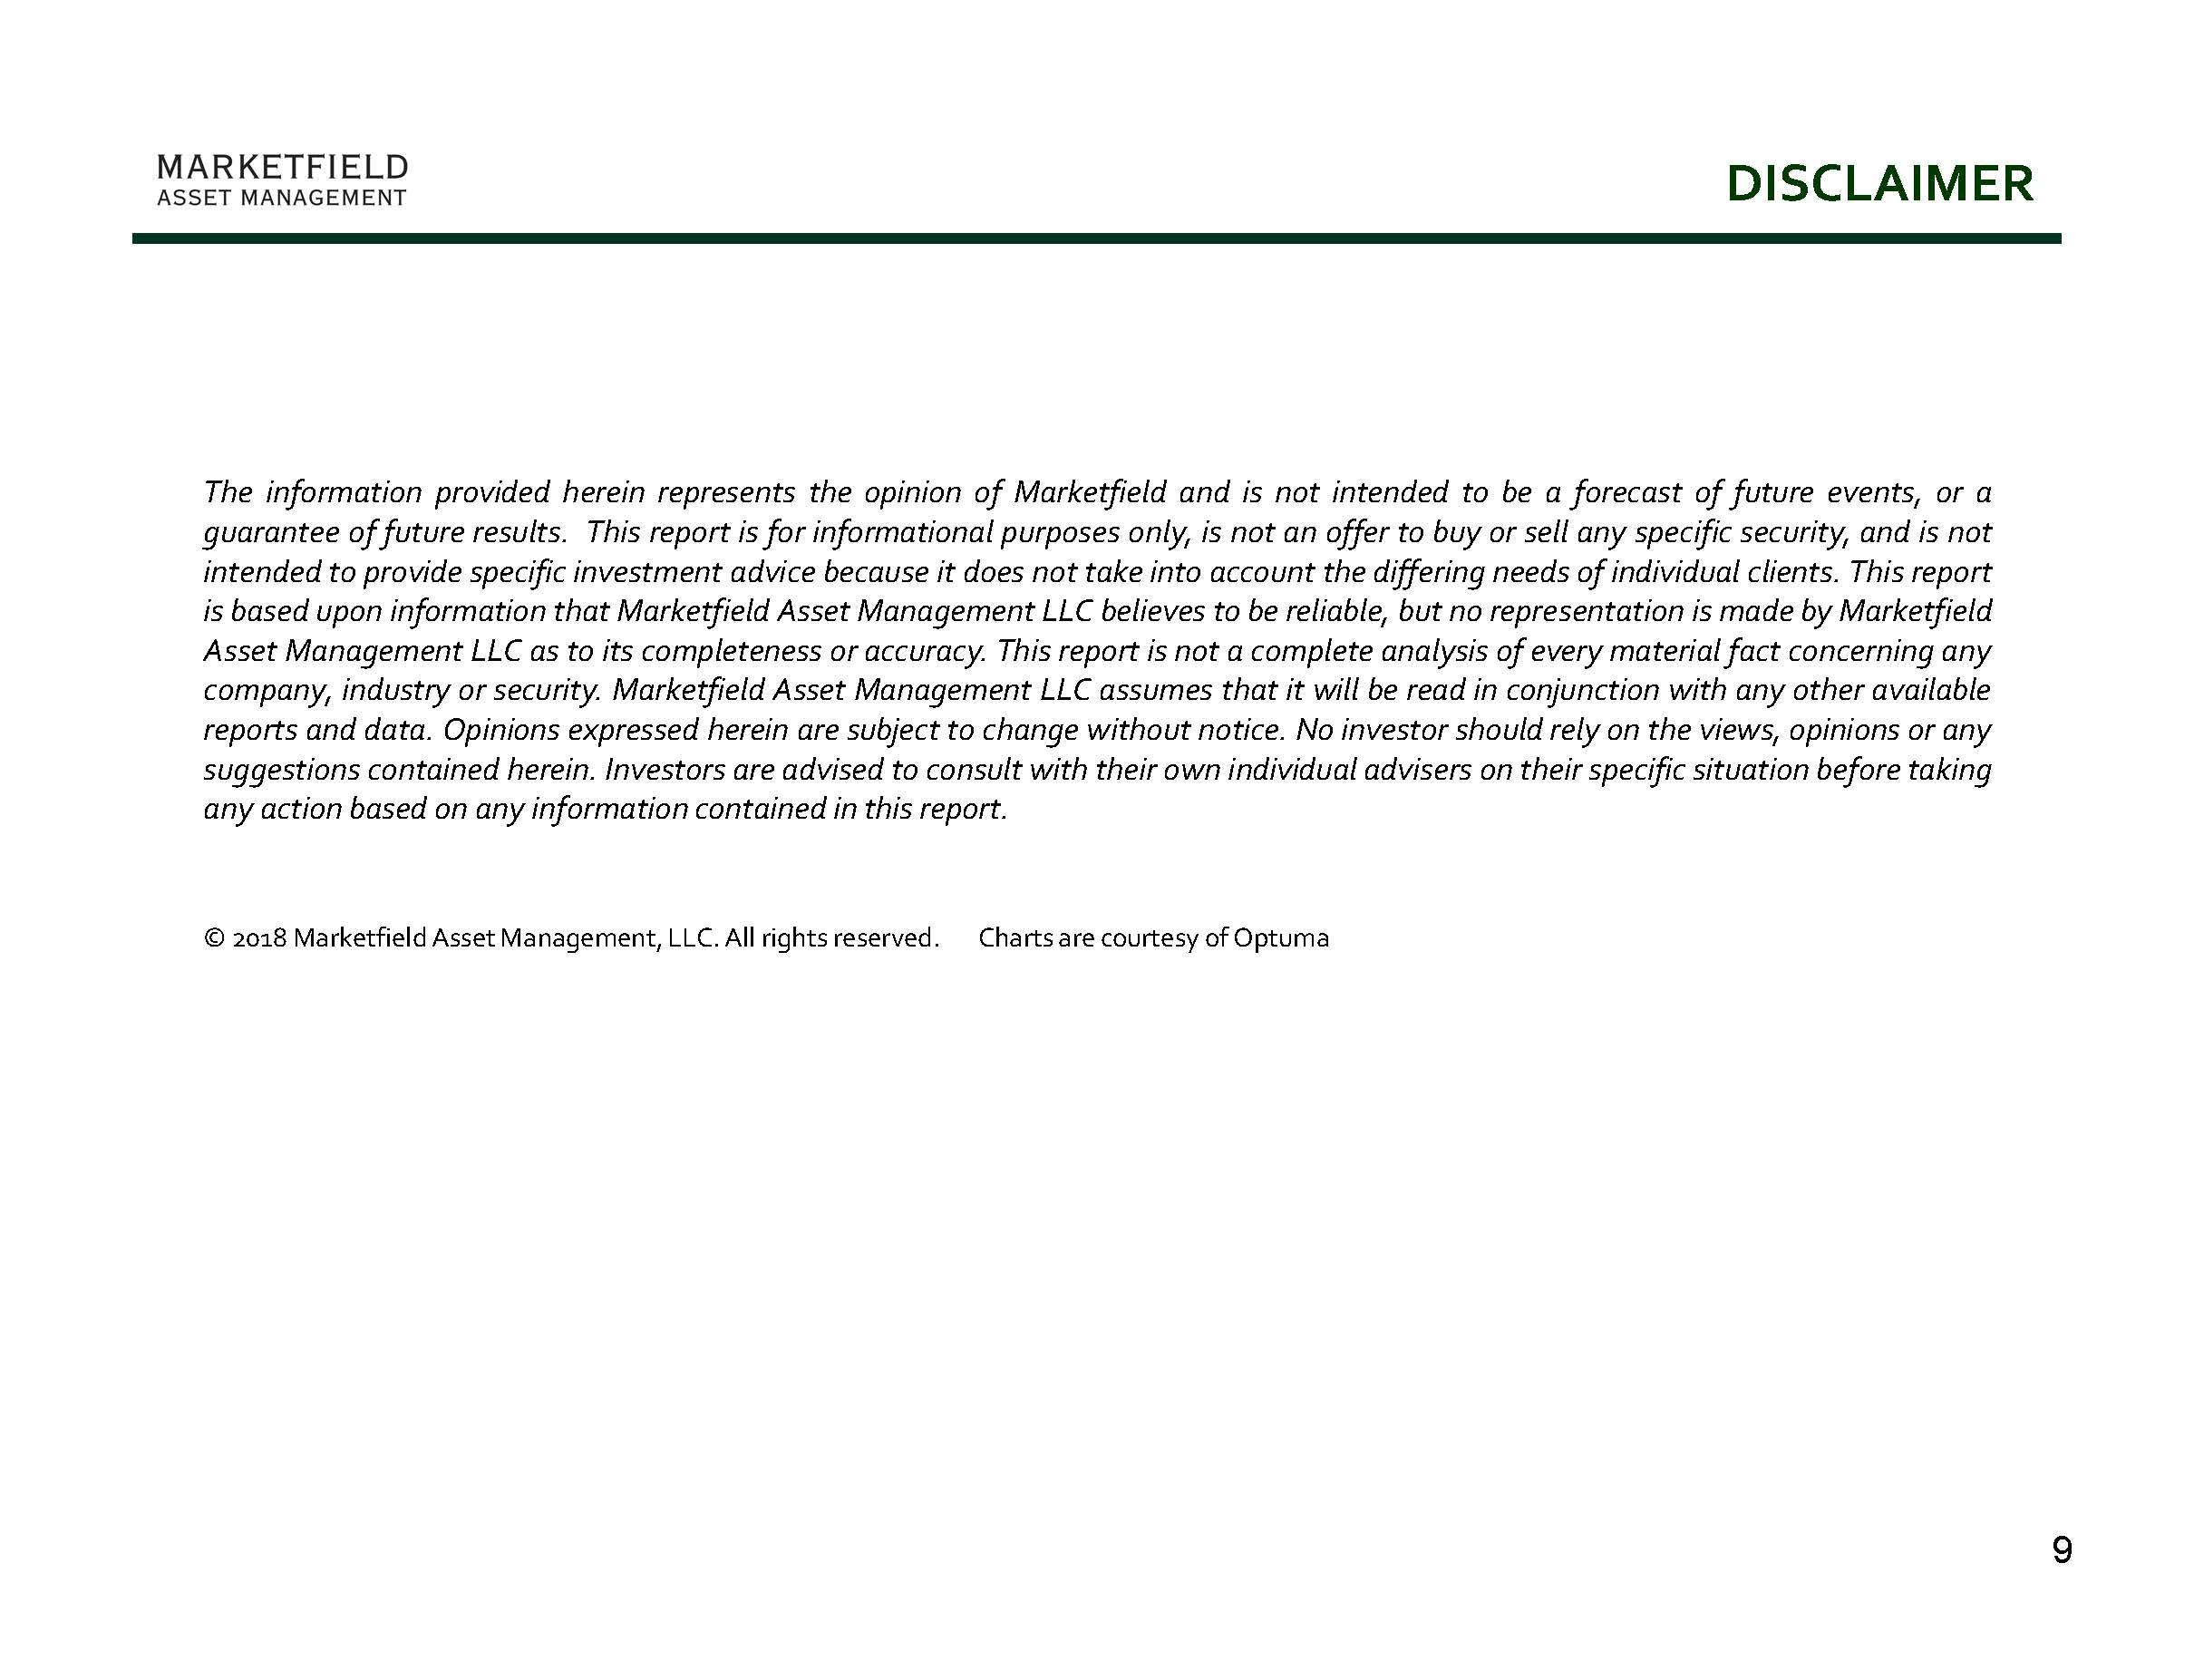 12-10-18_DM ETF_Page_9.jpg